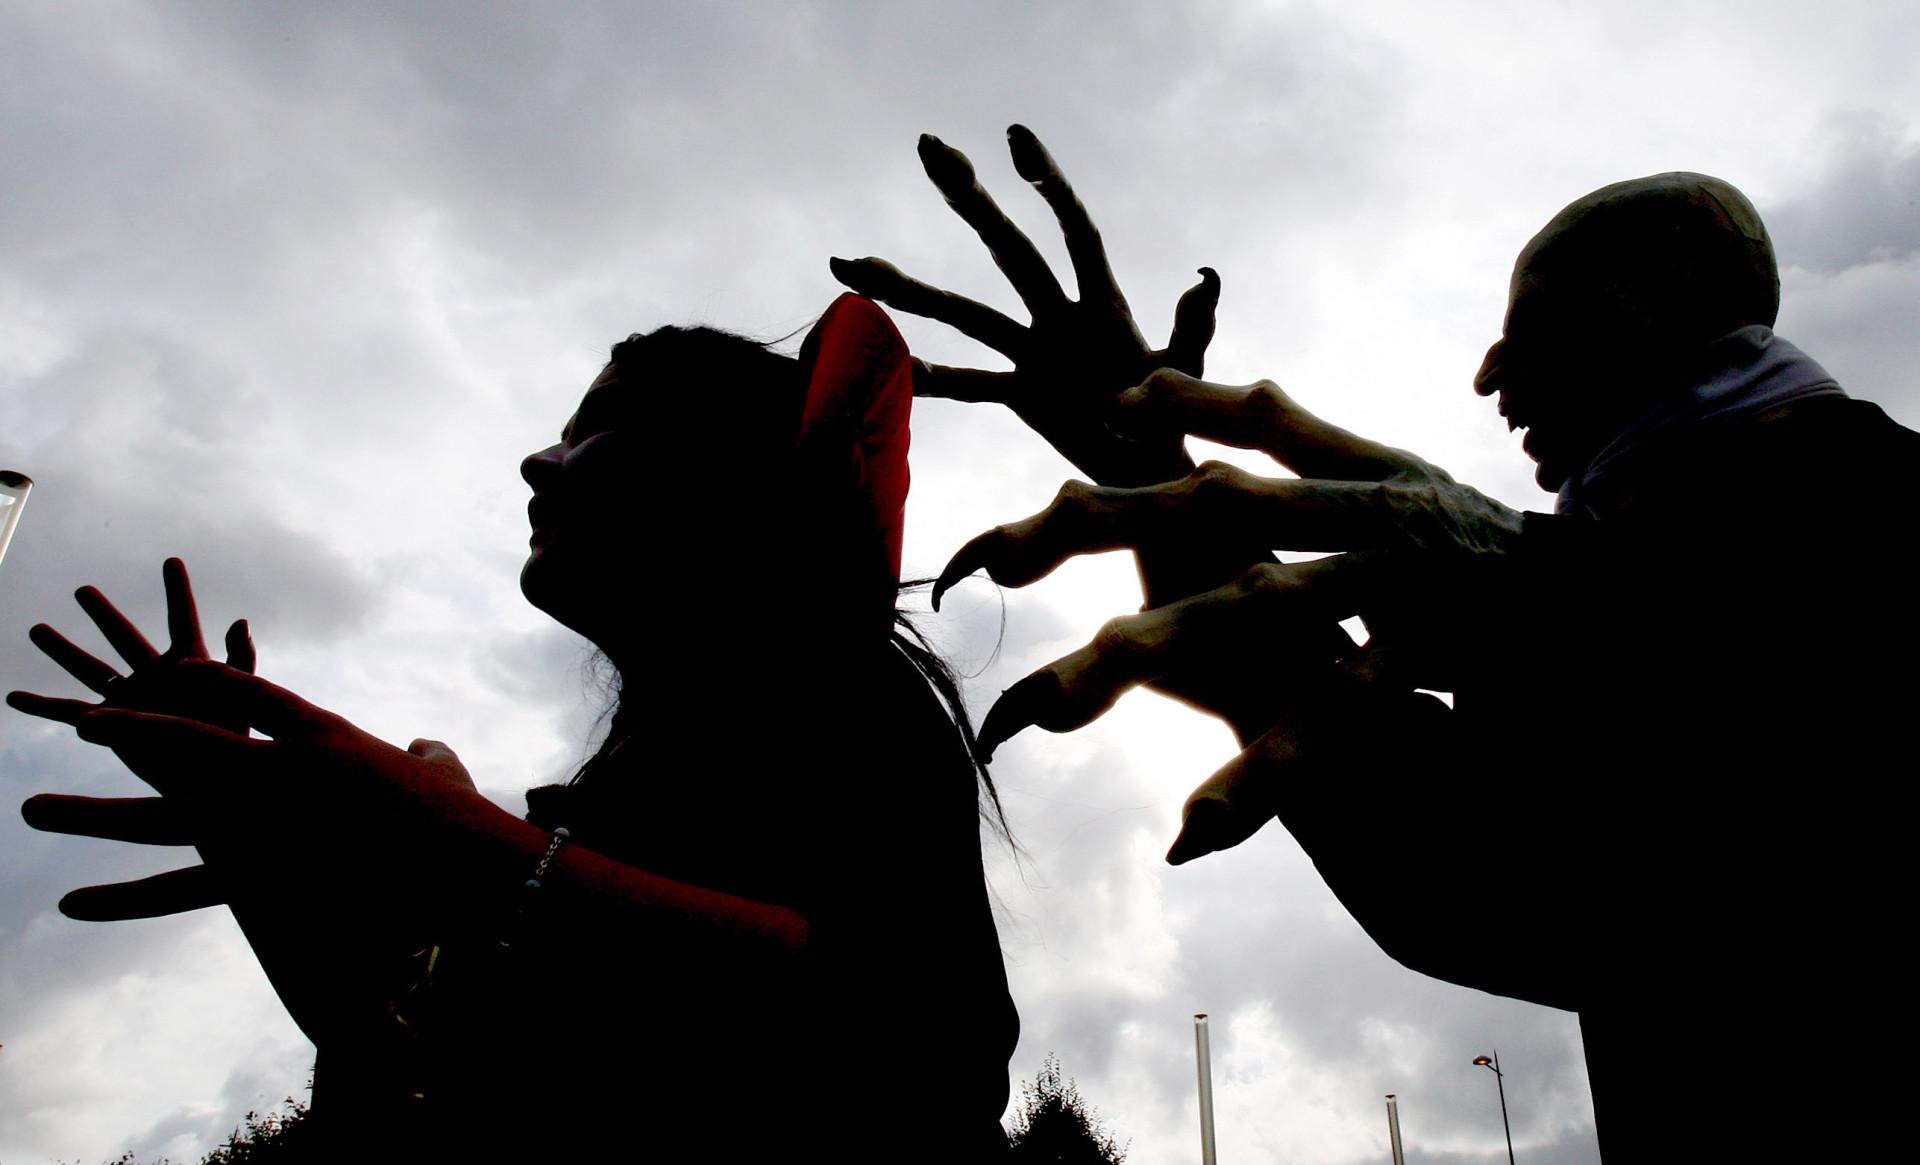 Celebre o Dia das Bruxas com estas músicas assustadoras!